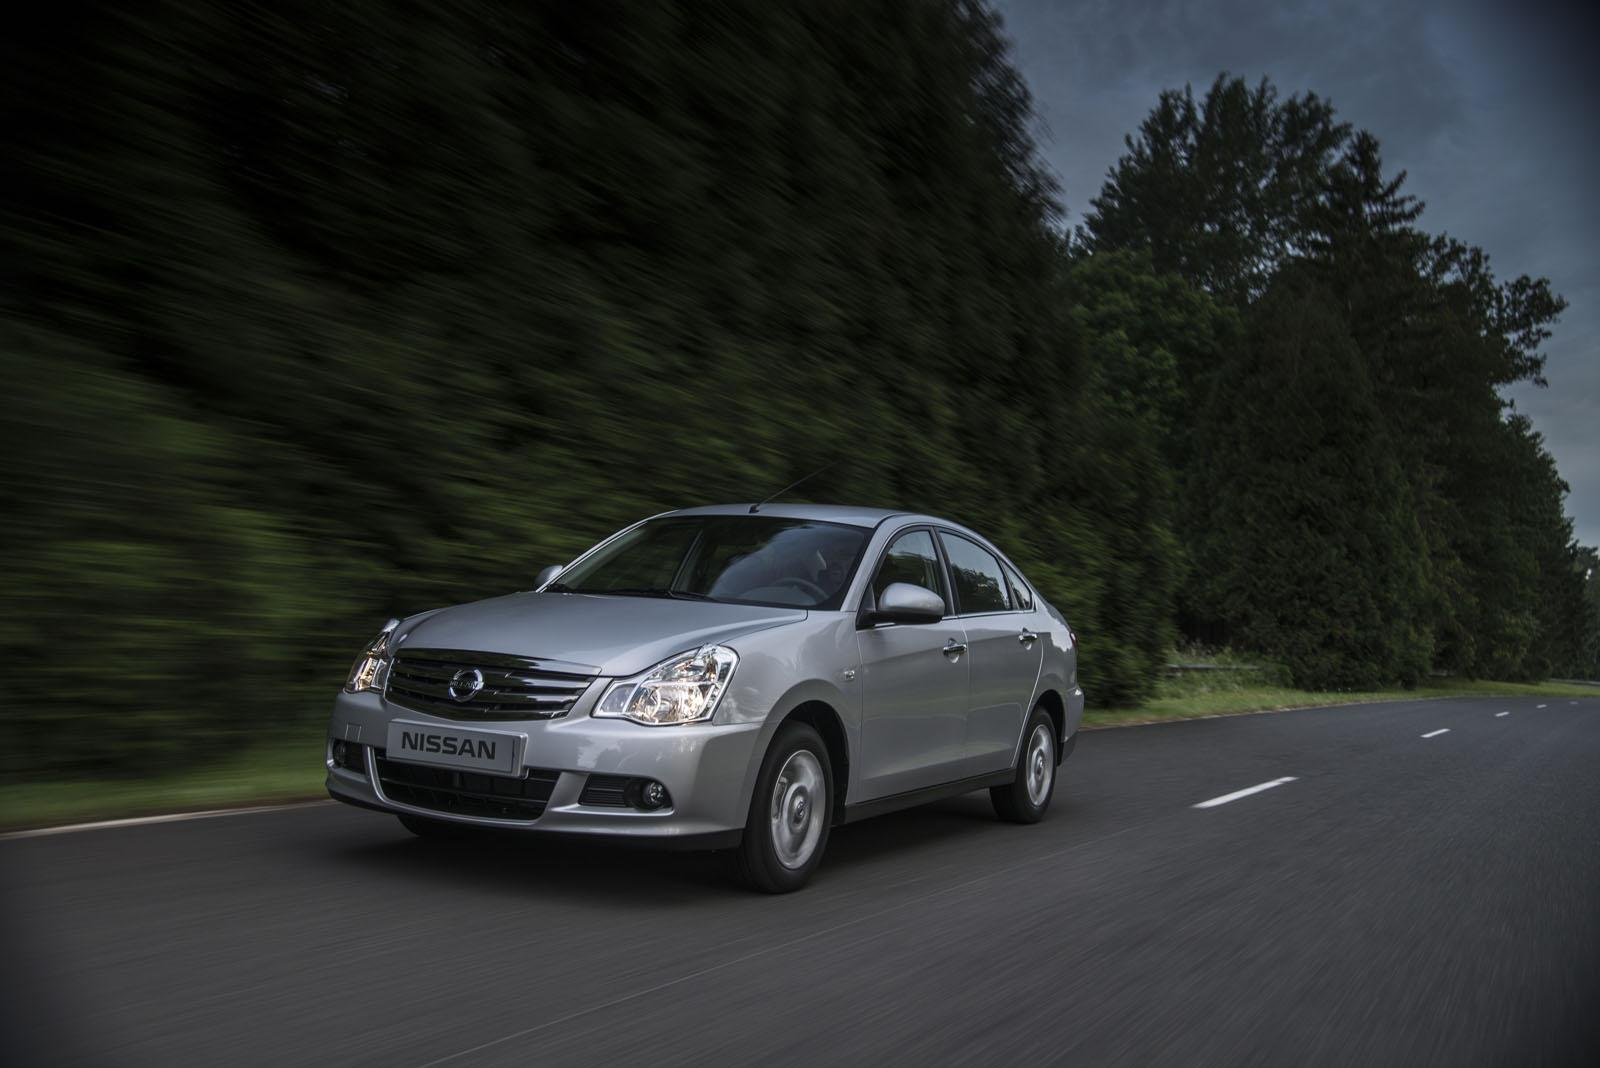 2013 Nissan Almera For Russia Video